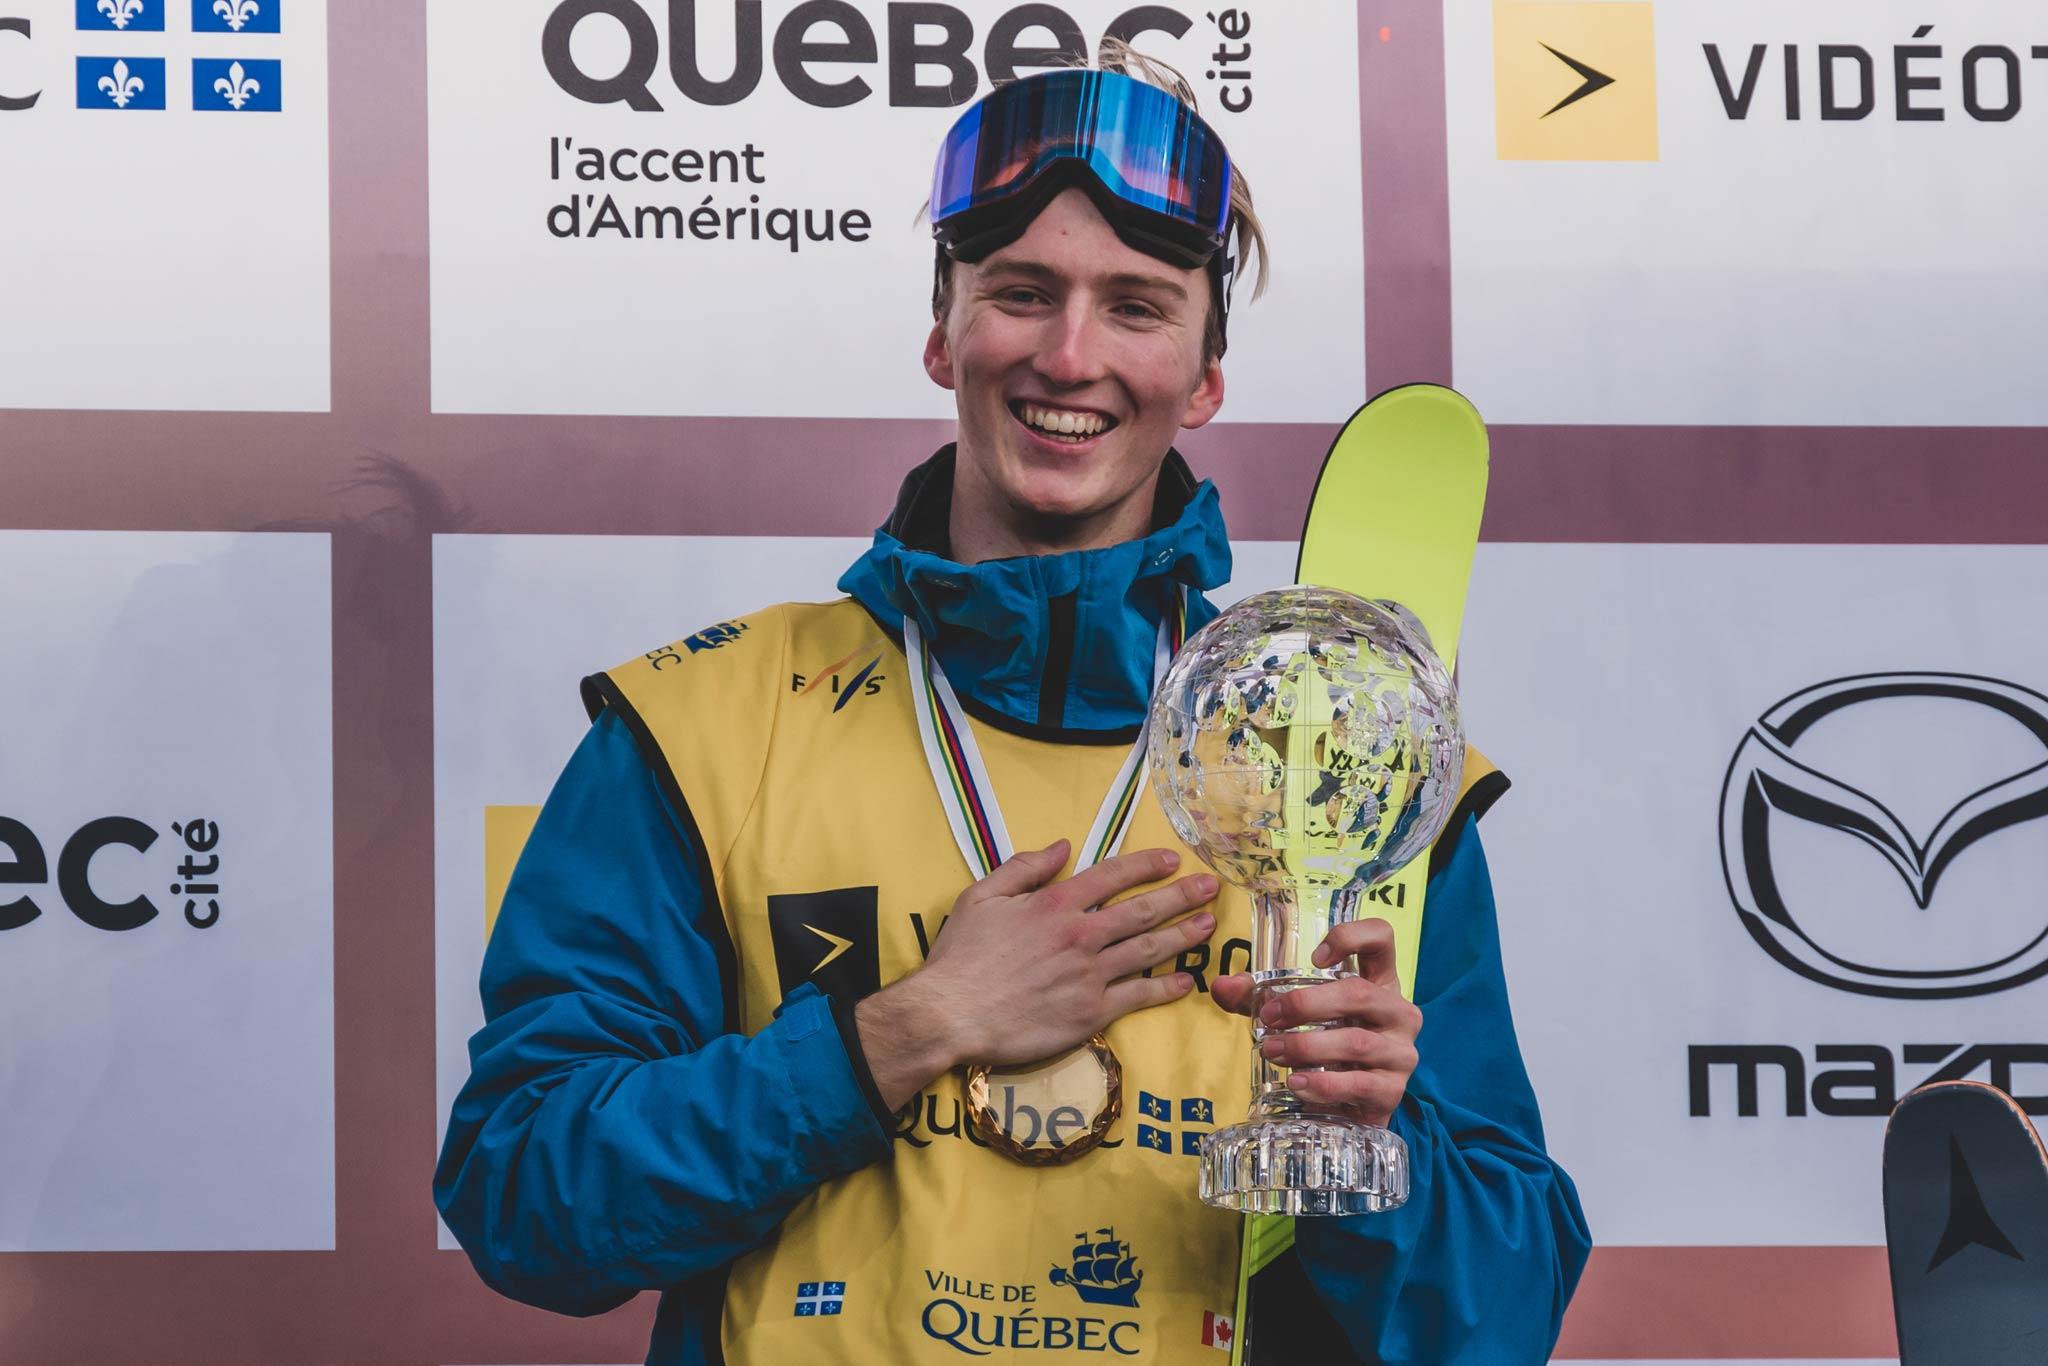 Der World Cup Gesamtsieger in der Disziplin Big Air bei den Männern in der Saison 18/19: Andri Ragettli (SUI) - Foto: FIS Freestyle